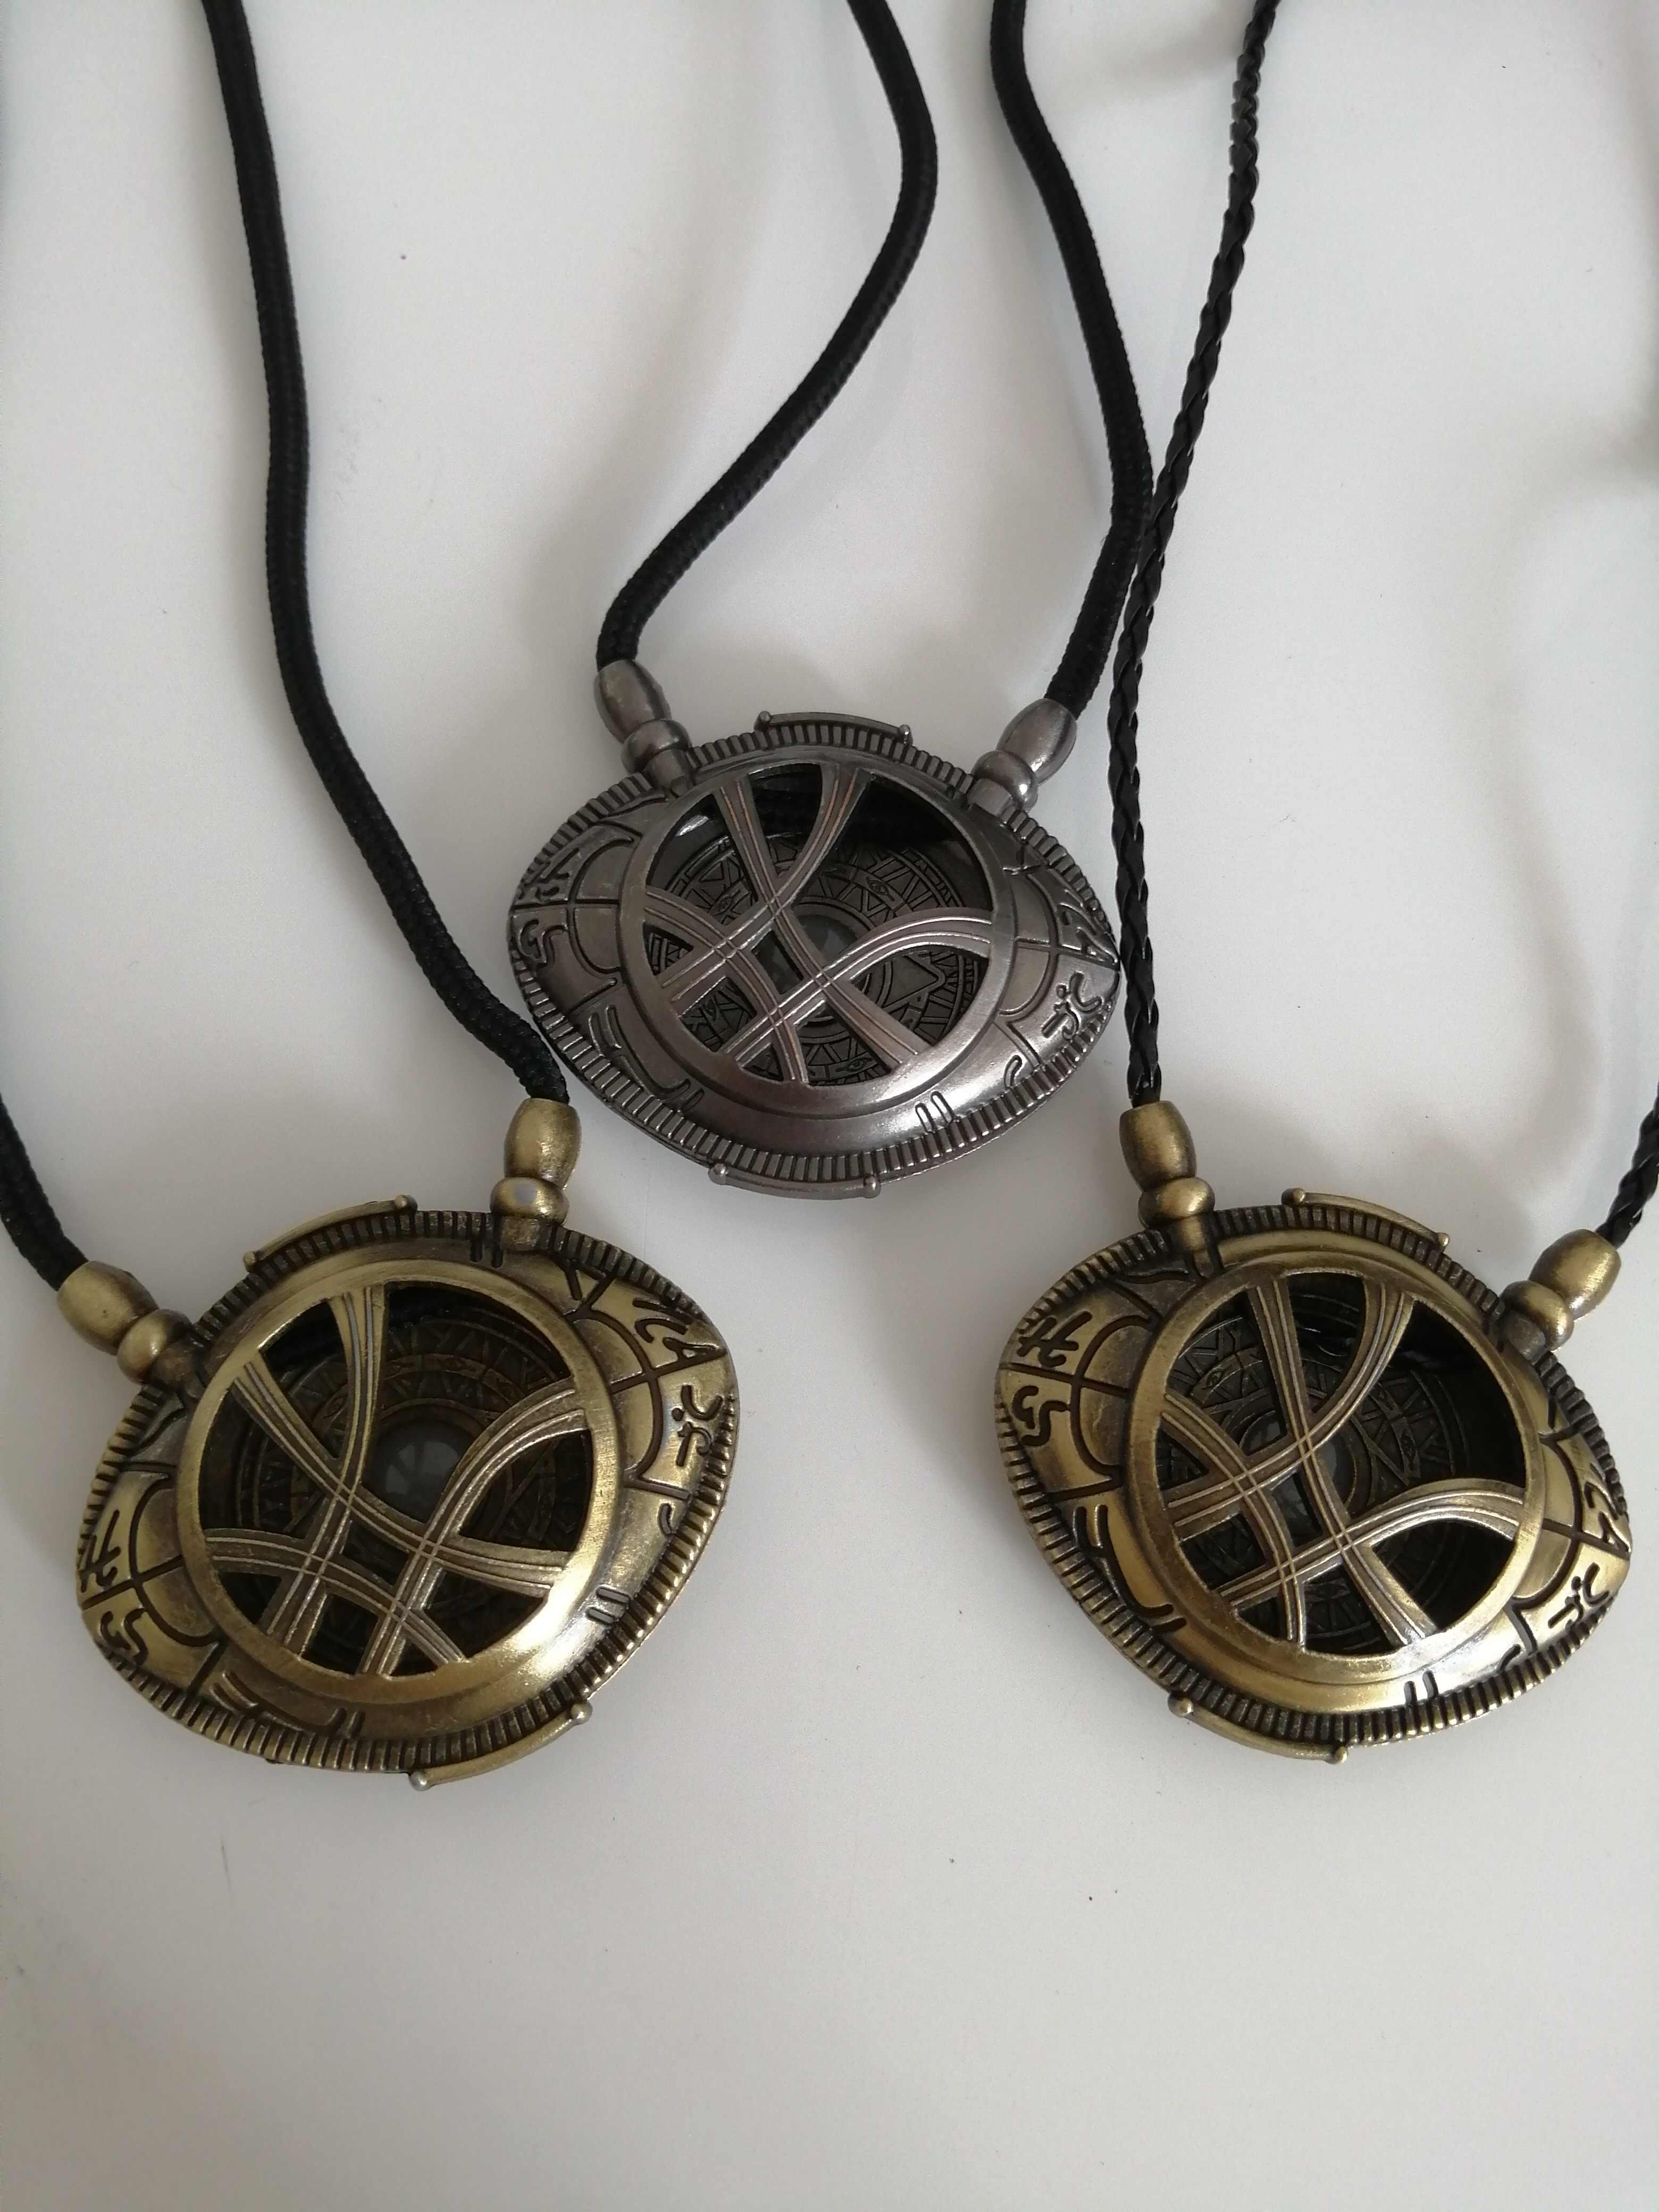 Film Doctor Strange Cosplay anneau du temps et de l'espace accessoires oeil de bague colliers cadeau de noël collier en alliage cadeau